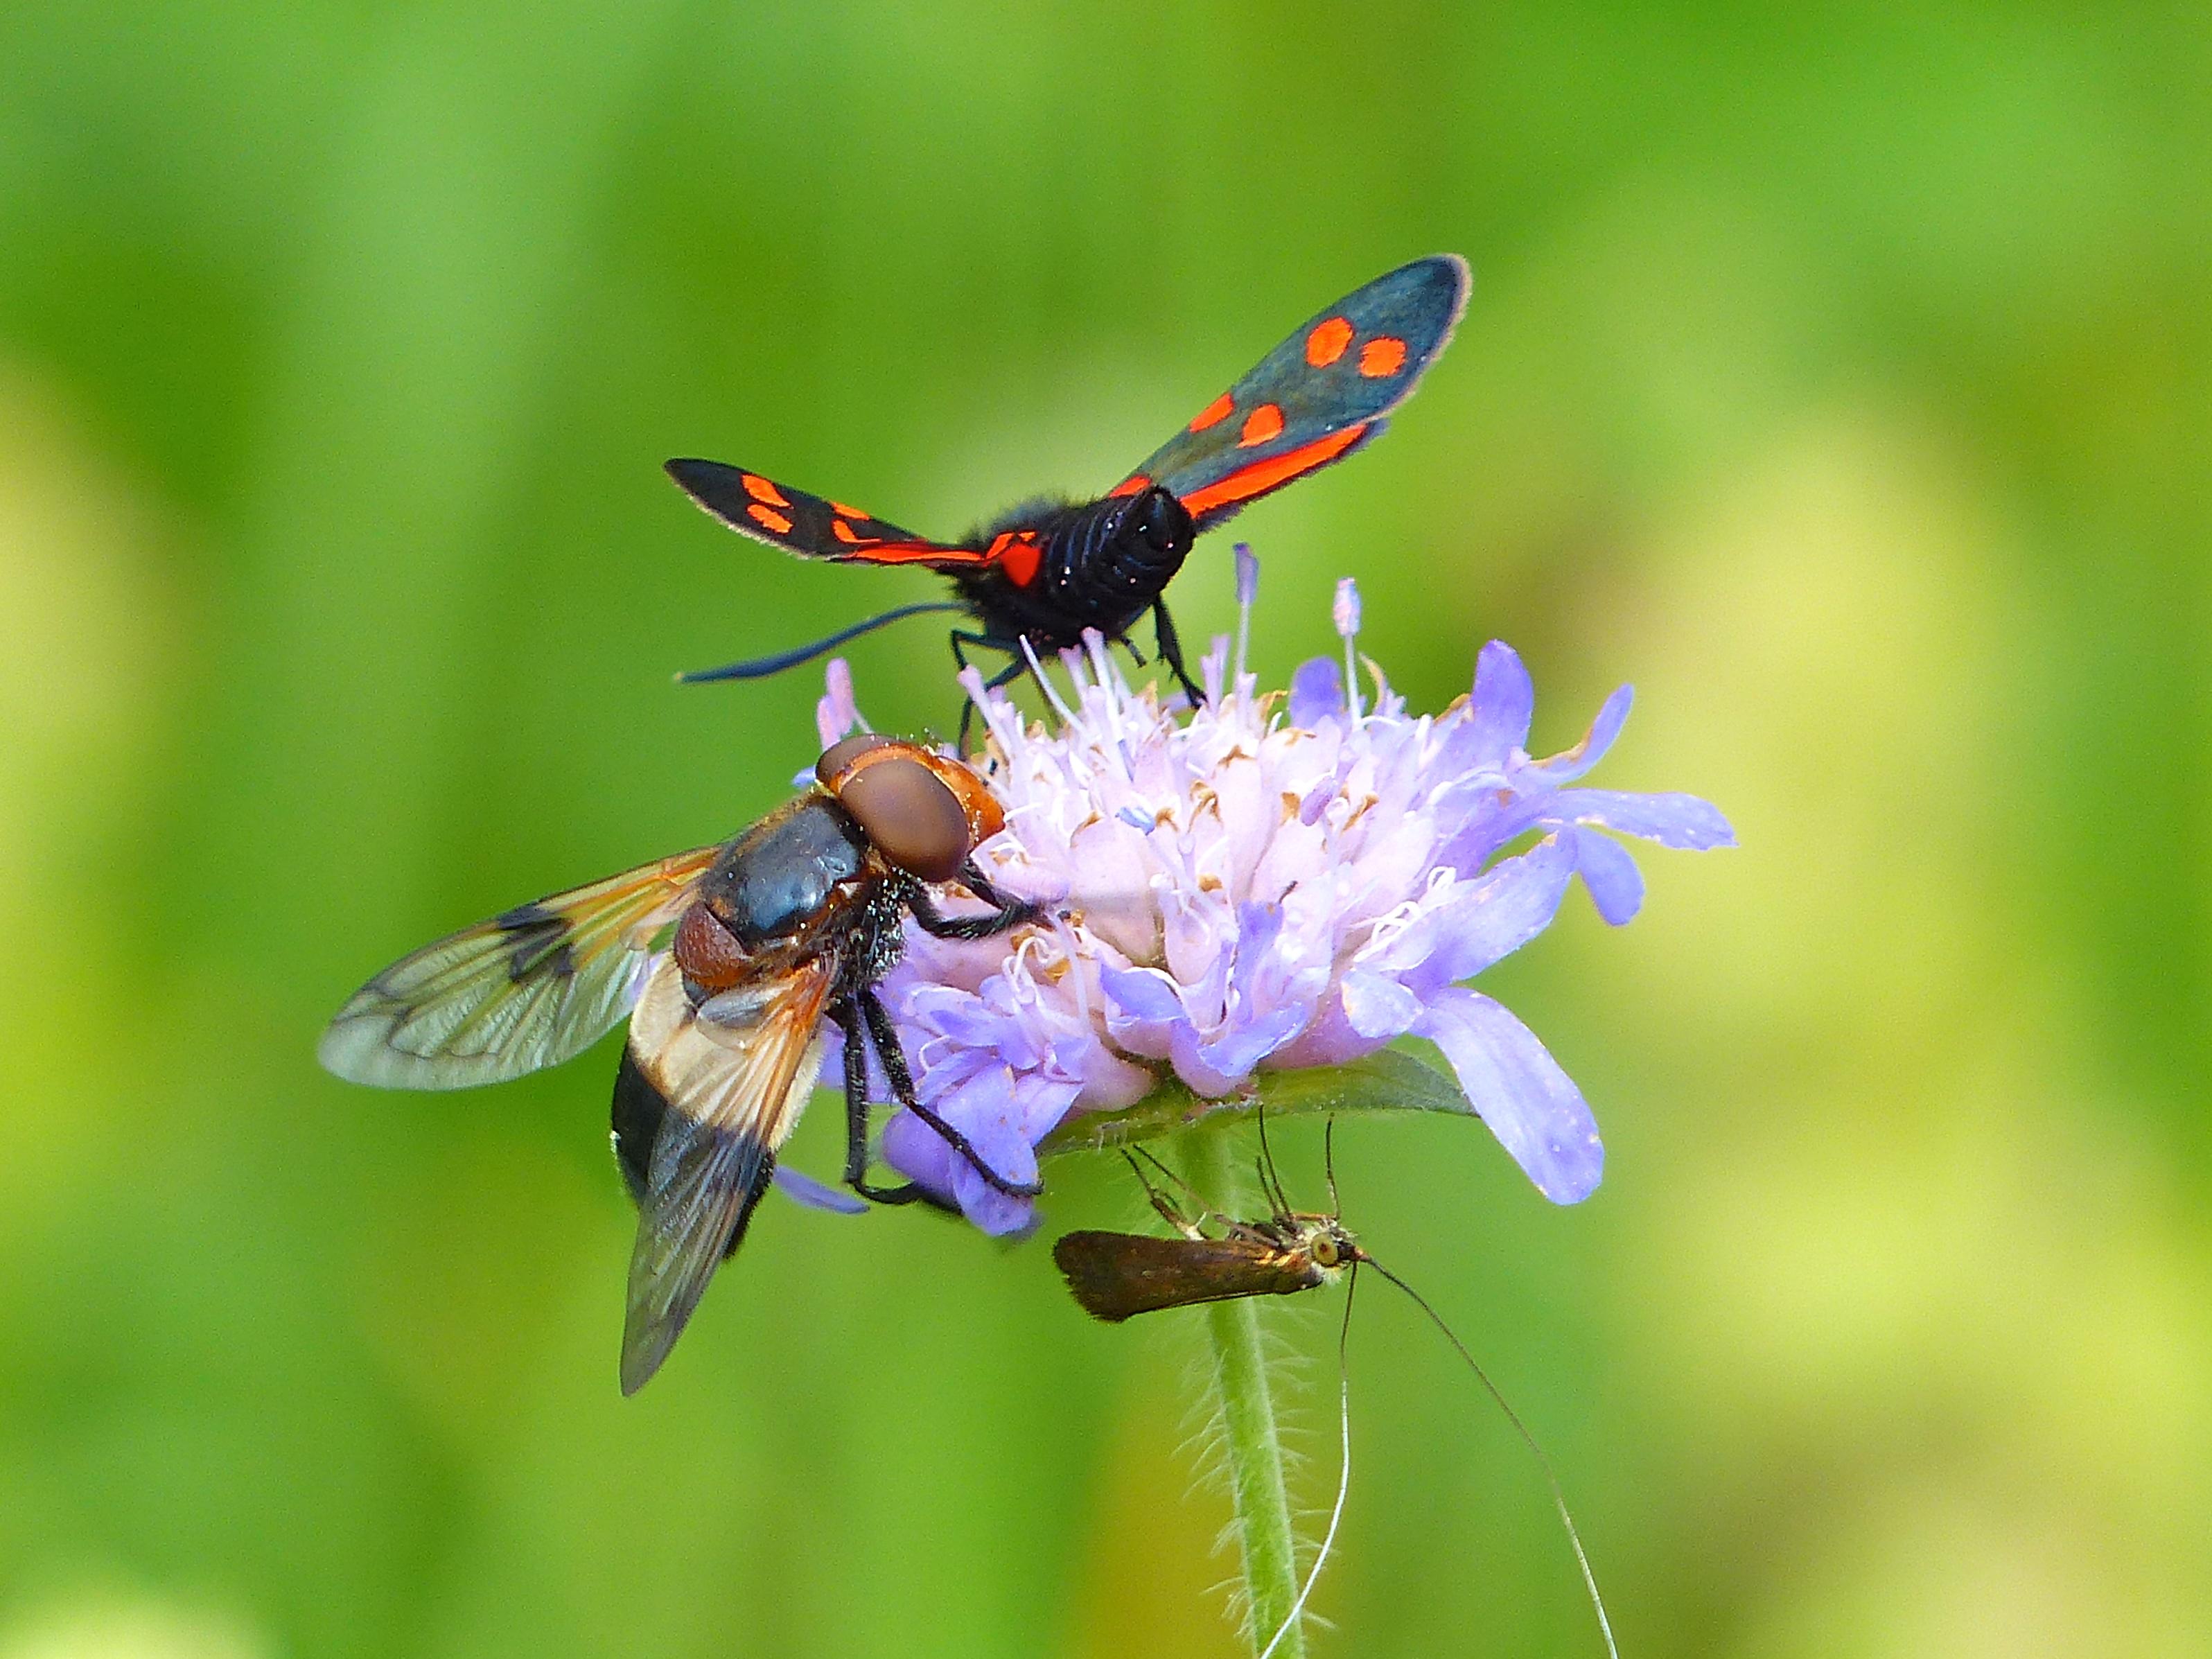 Bellas fotos macro de insectos - 3192x2394